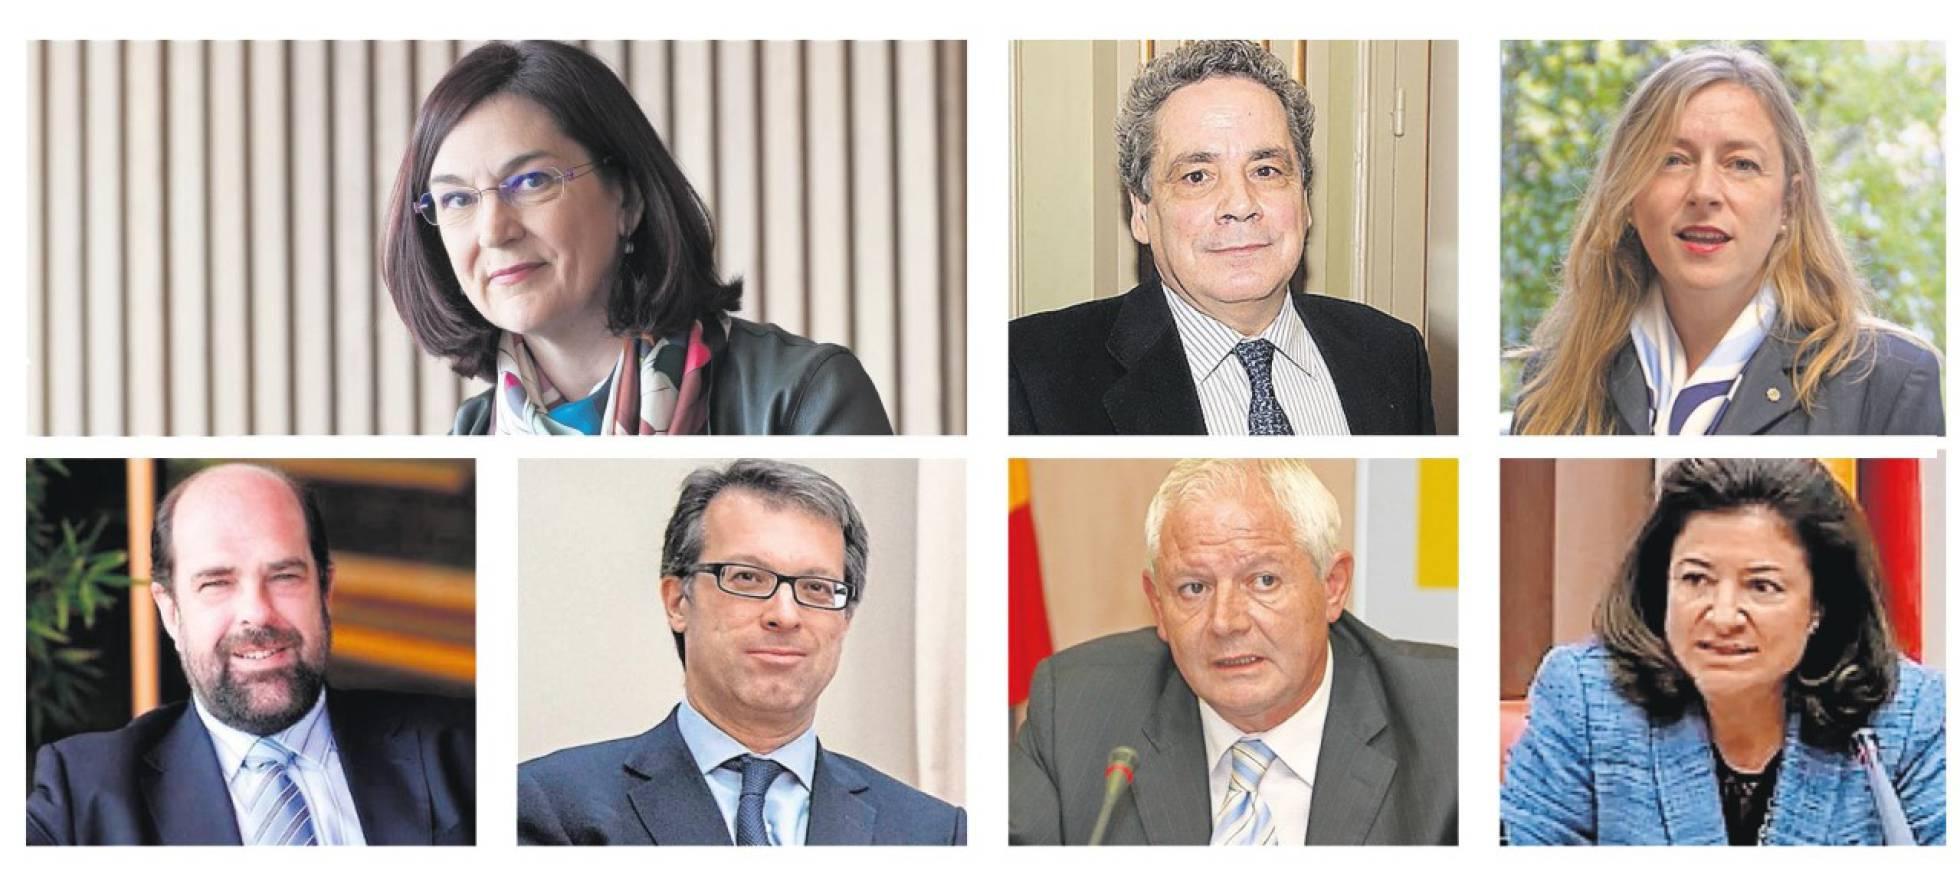 Renovación Cargos Comisión Nacional de los Mercados y la Competencia (CNMC)